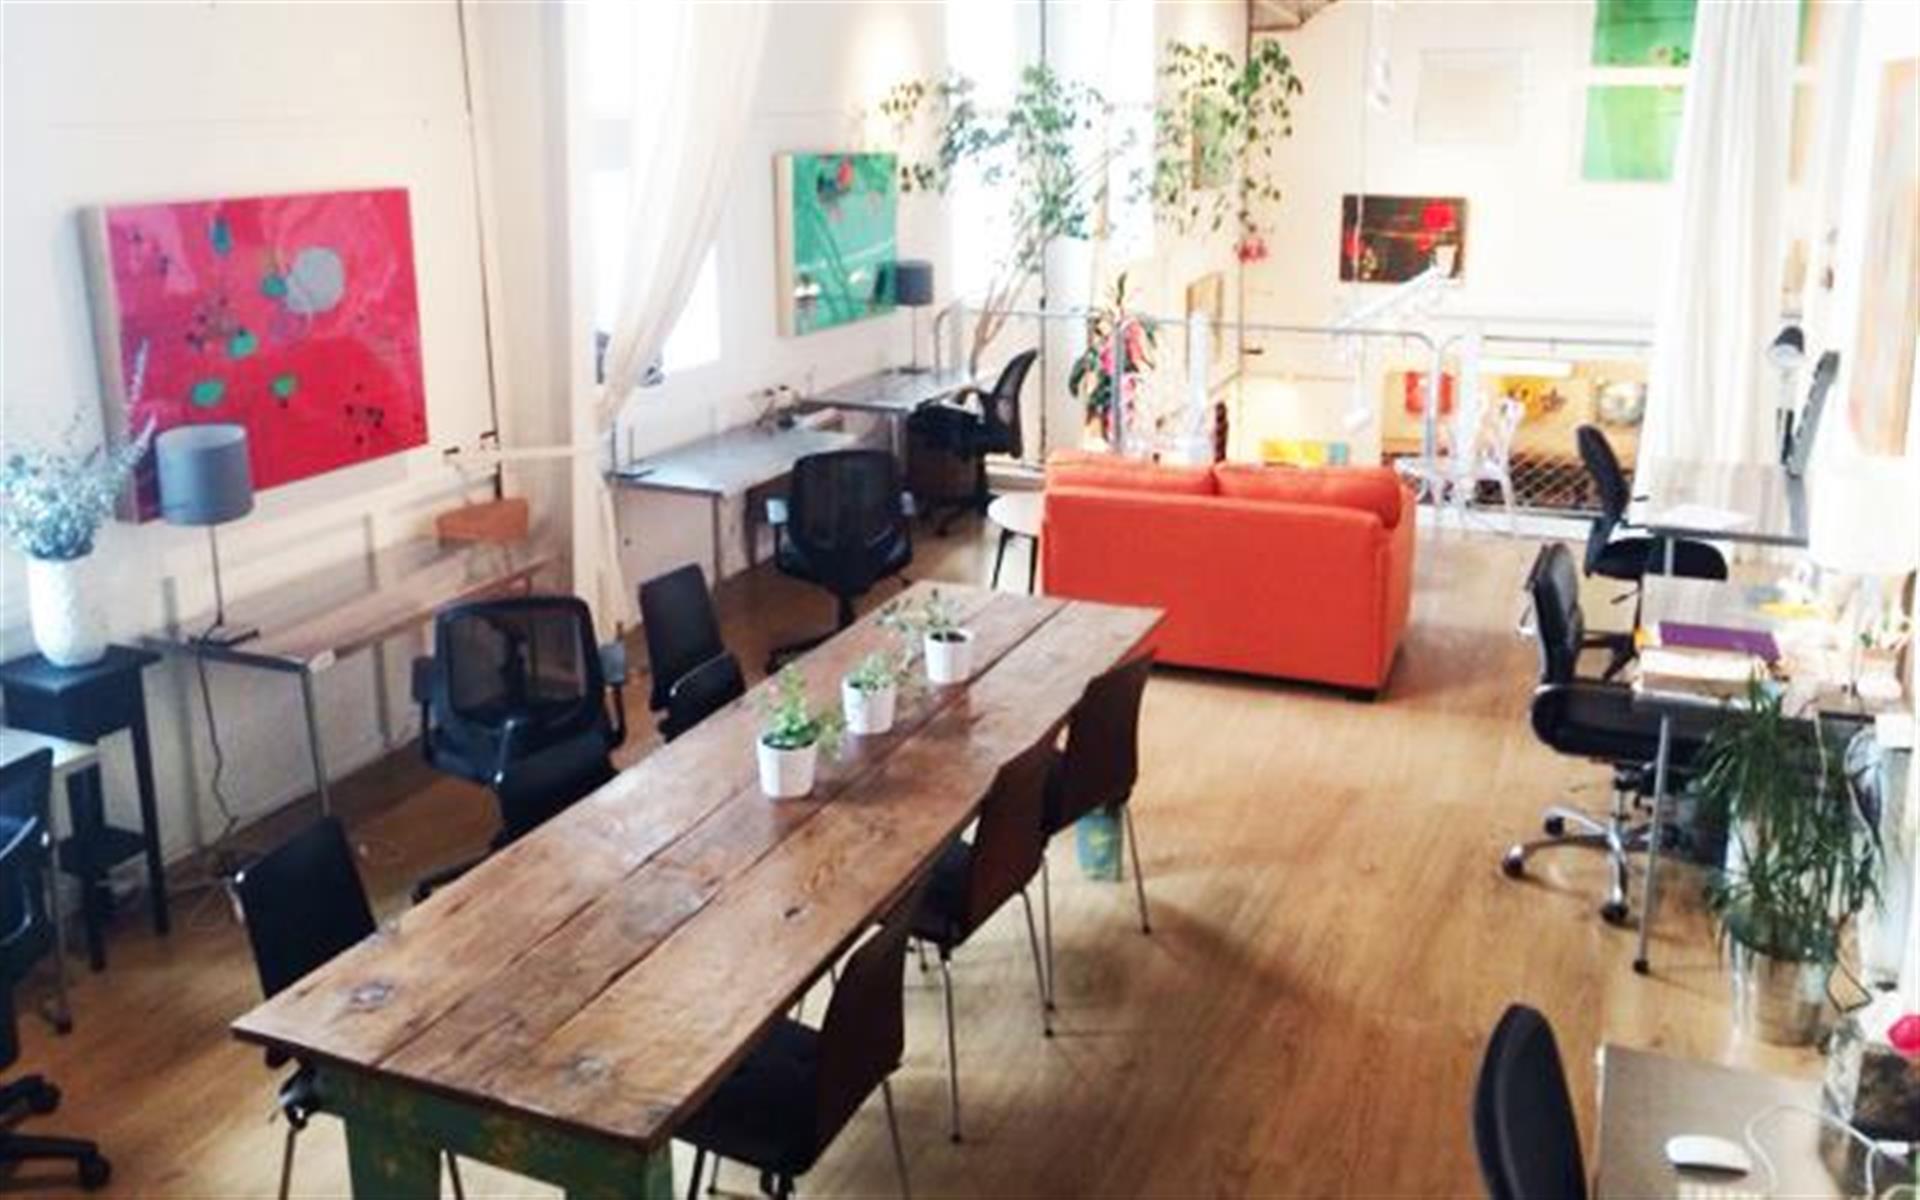 Studio 333 - Co-op Work Loft